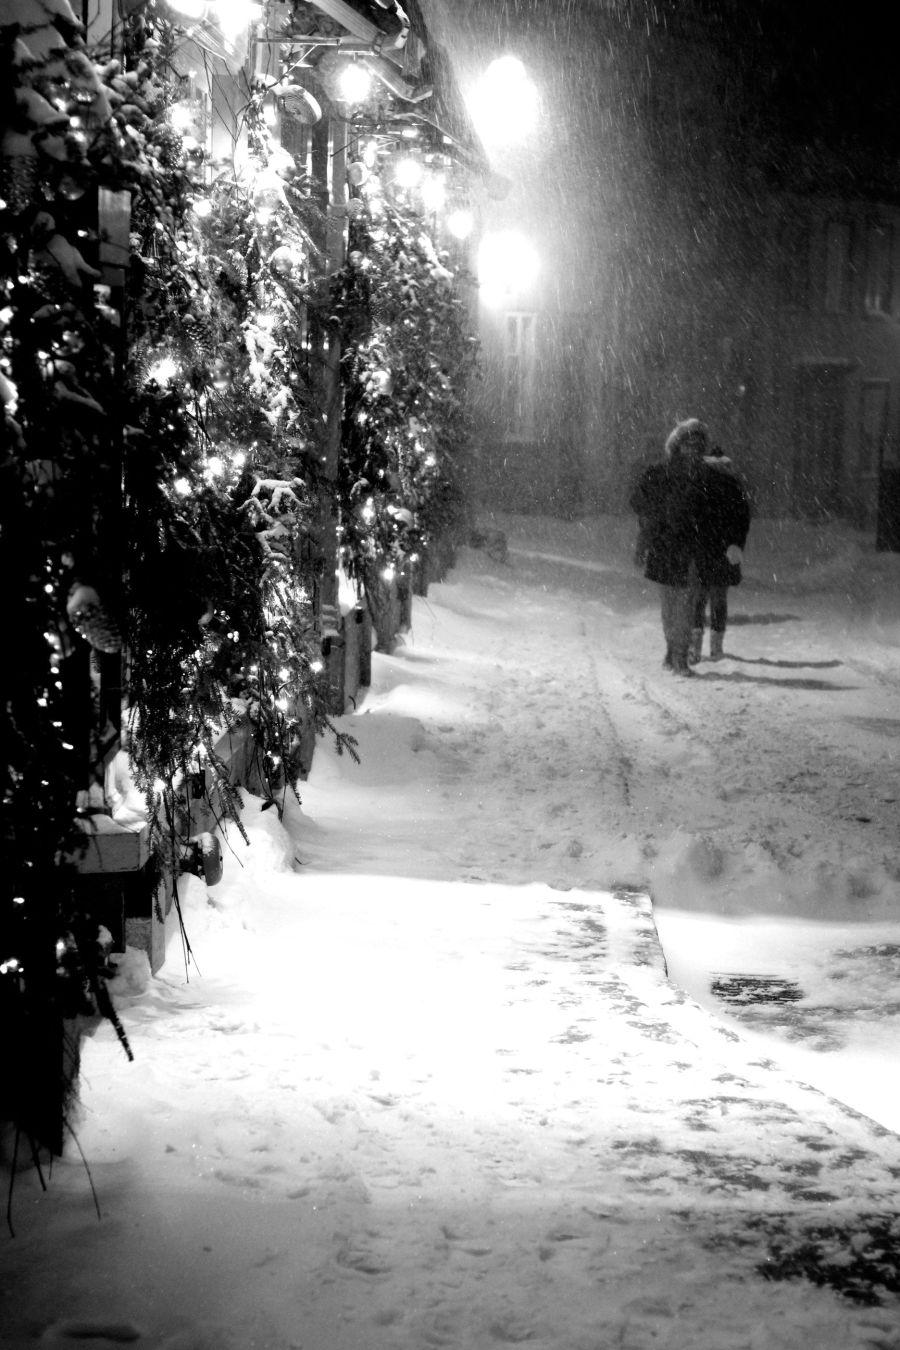 quebec quebec city snow storm december 29 2015 9